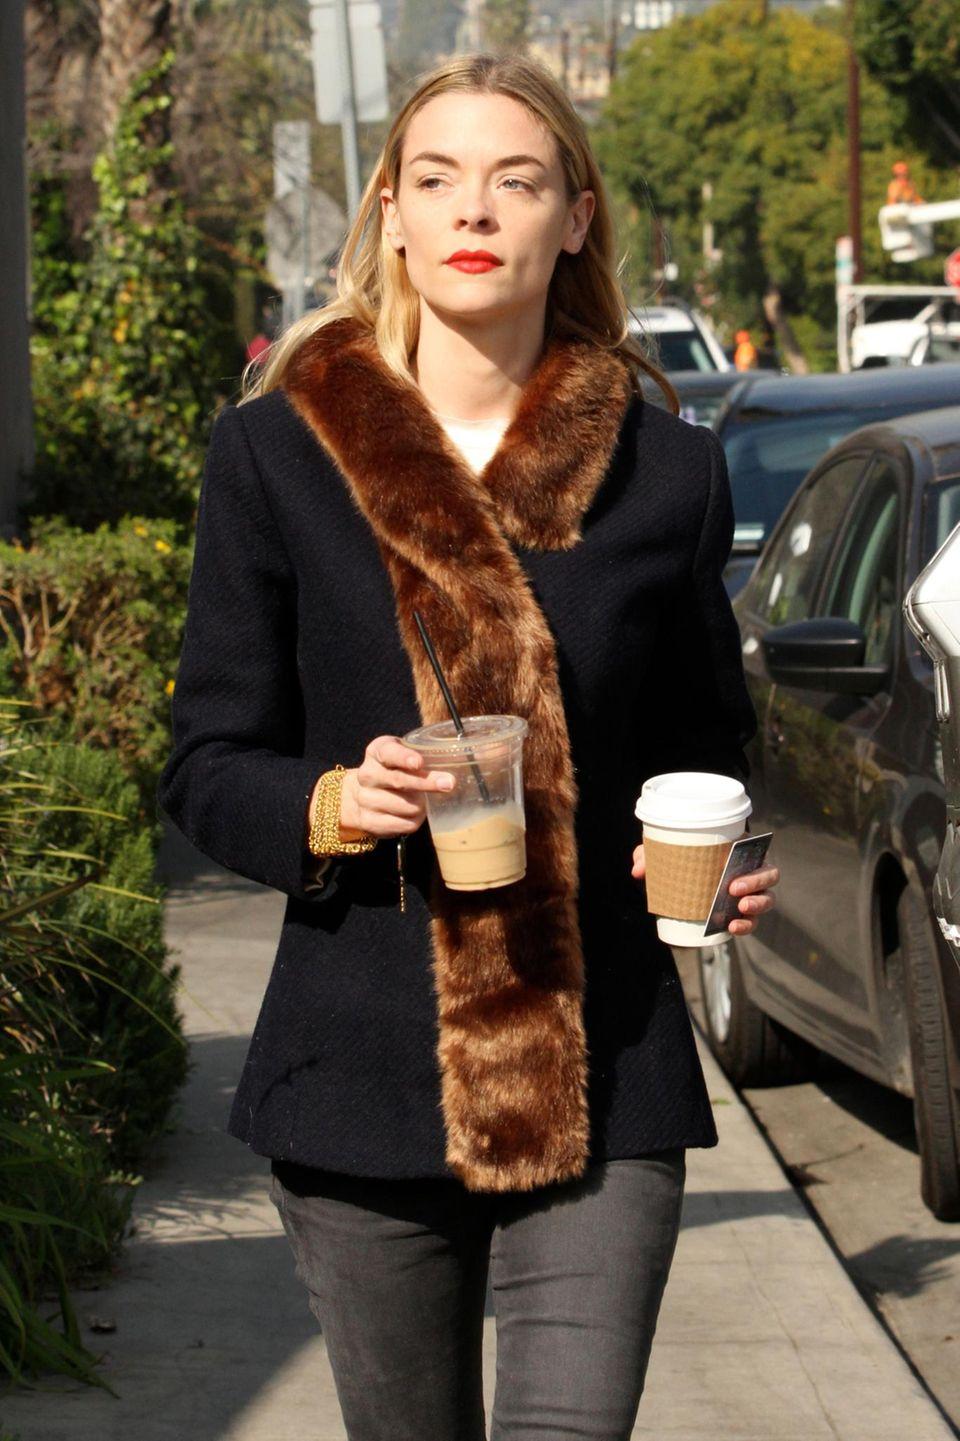 Jamie King kann sich wohl nicht entscheiden, ob sie ihren Kaffee lieber heiß oder kalt trinkt.